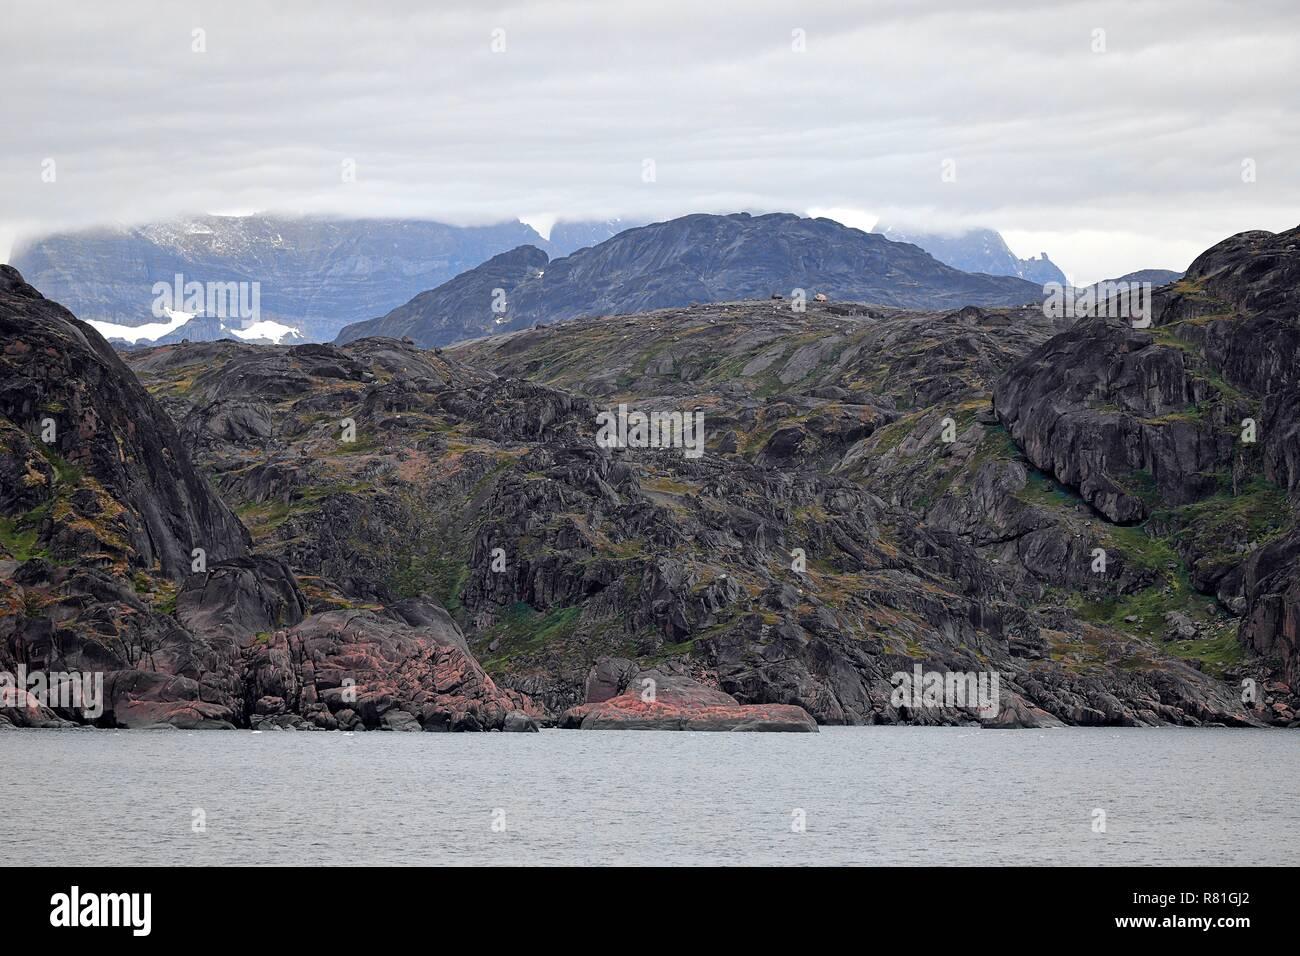 Grönland Christian Sund: karge Felsen, glatt geschliffen,  mit dünner Vegetation, rotes Gestein - Stock Image